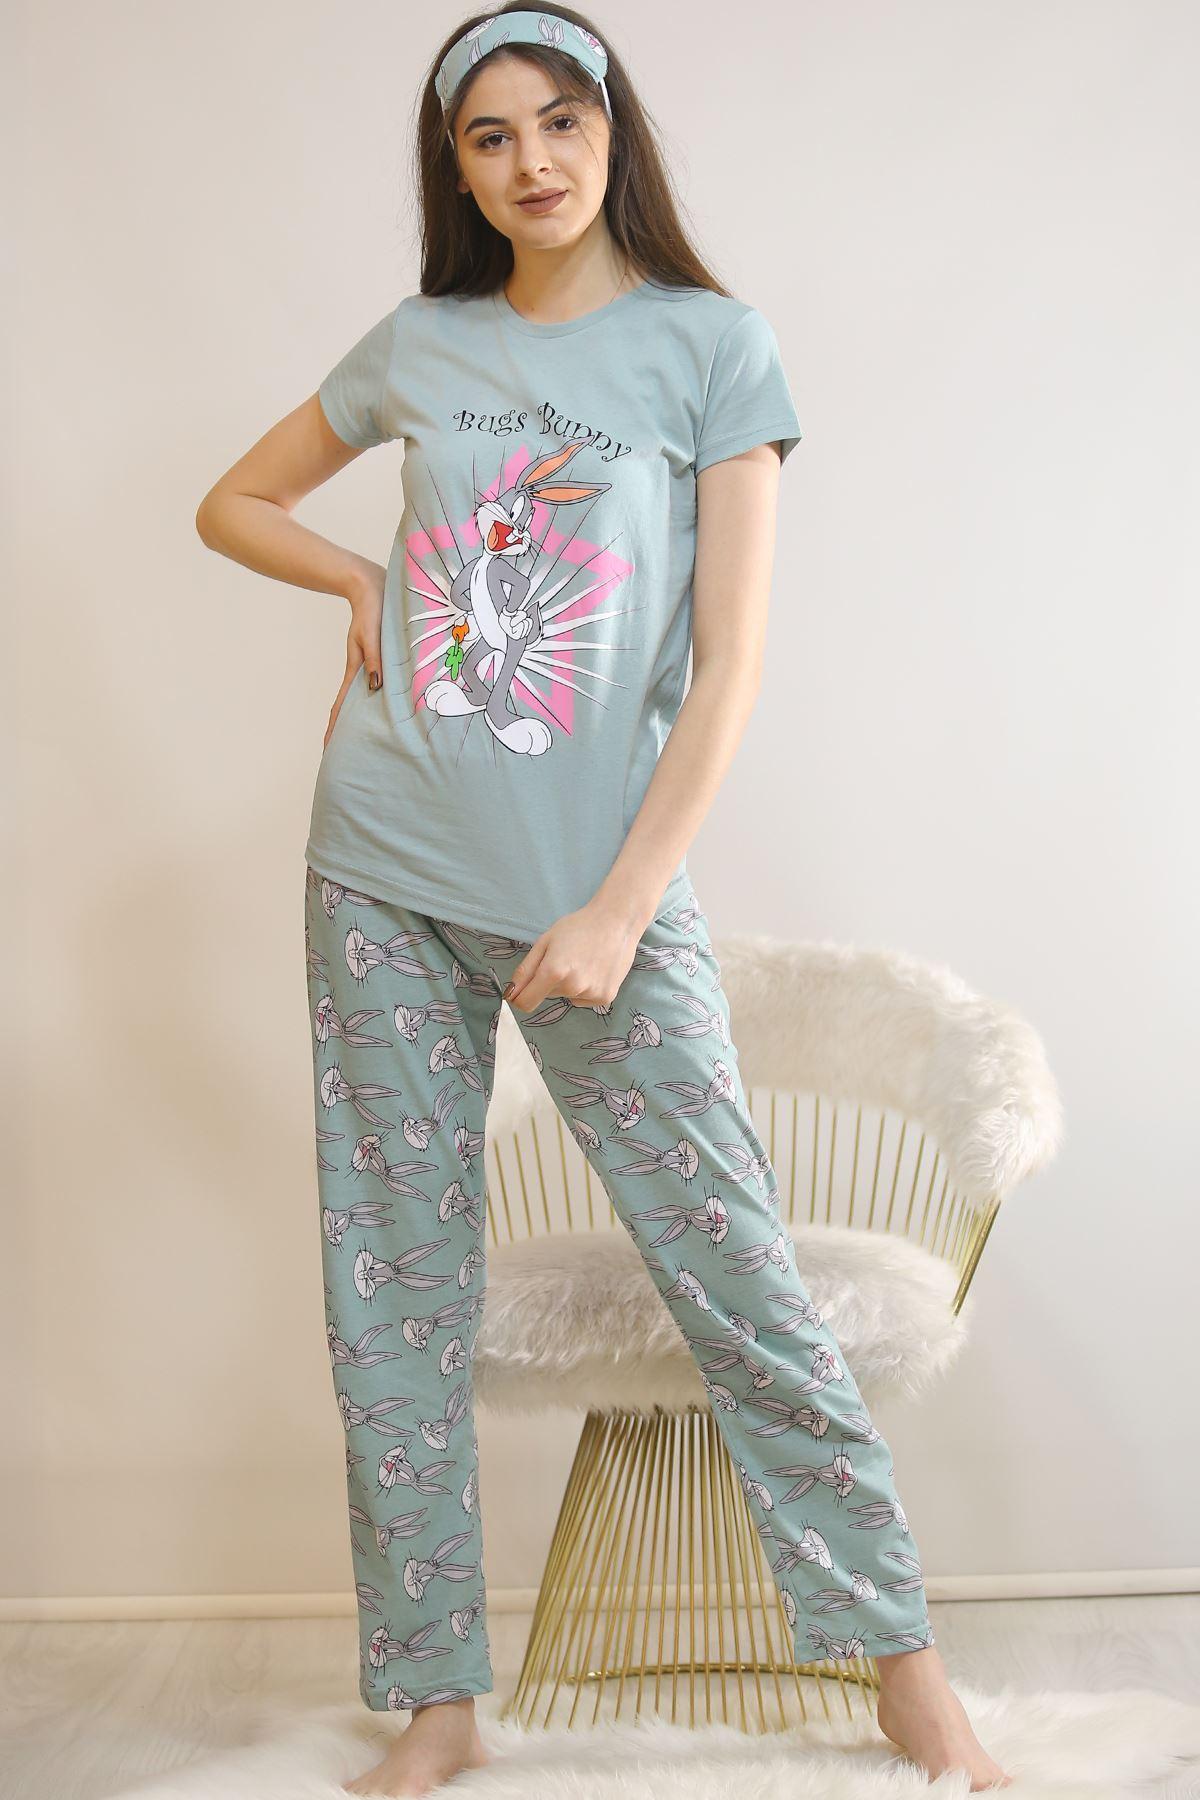 Baskılı Pijama Takımı Mint - 21879.1059. Toptan